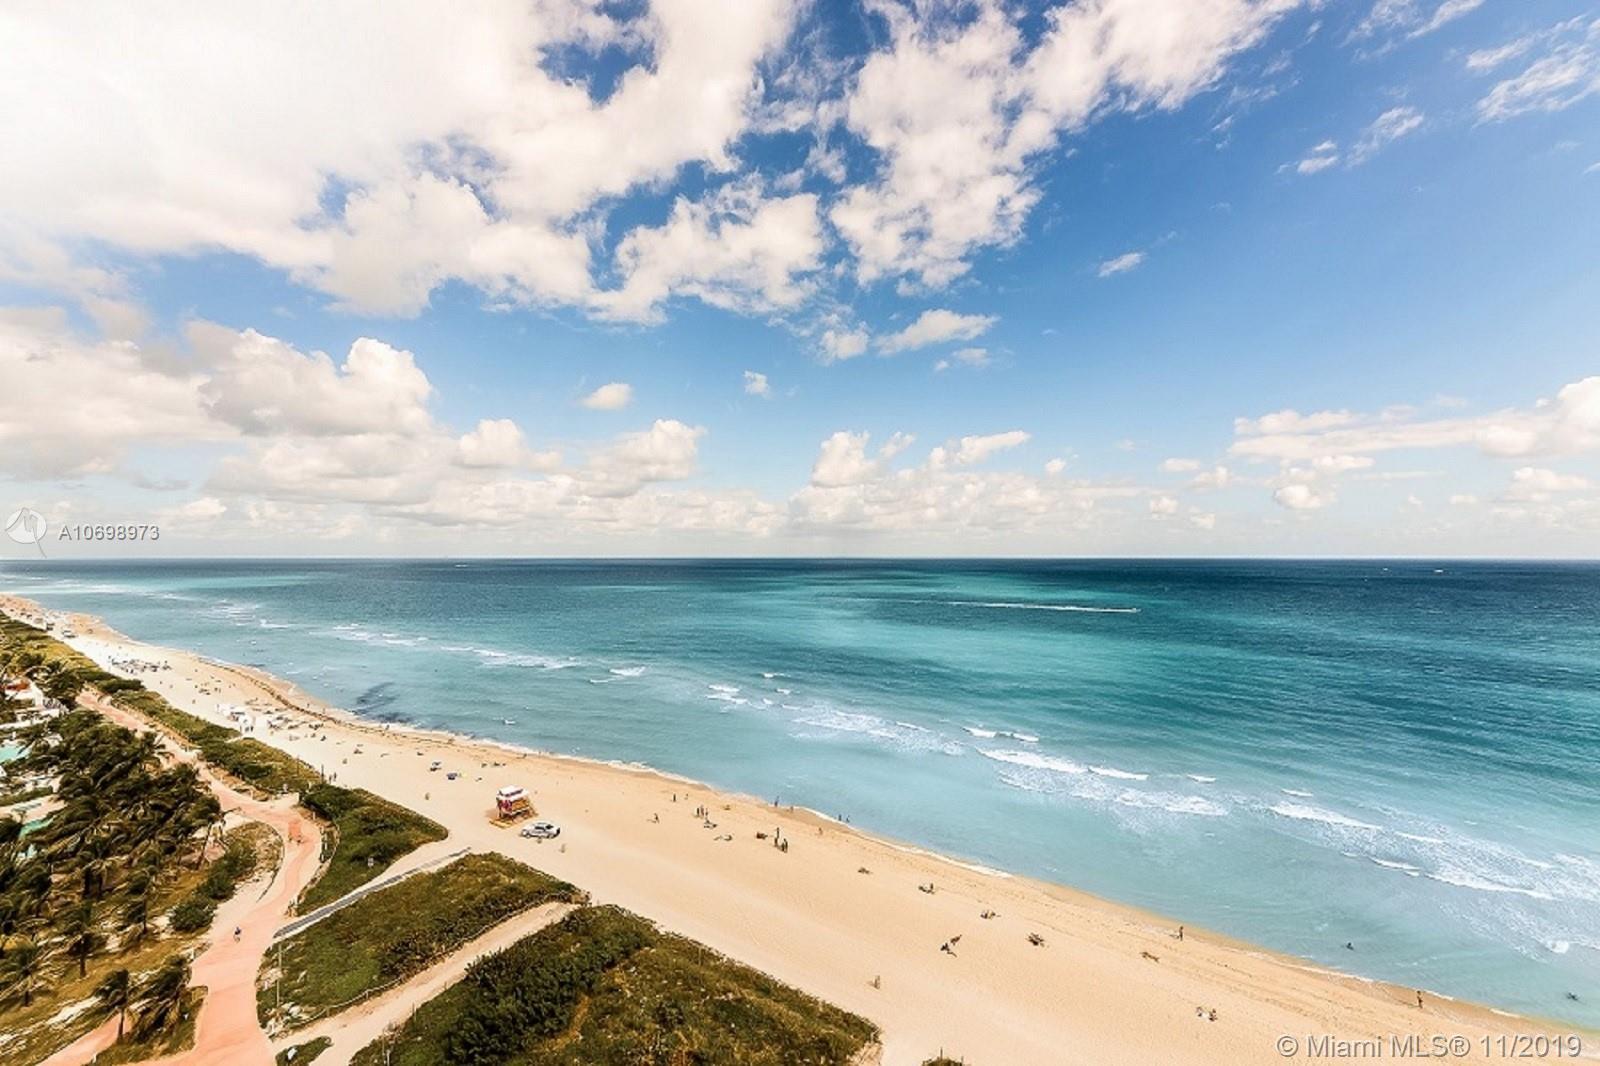 6423 Collins Ave #1804, Miami Beach, FL 33141 - Miami Beach, FL real estate listing